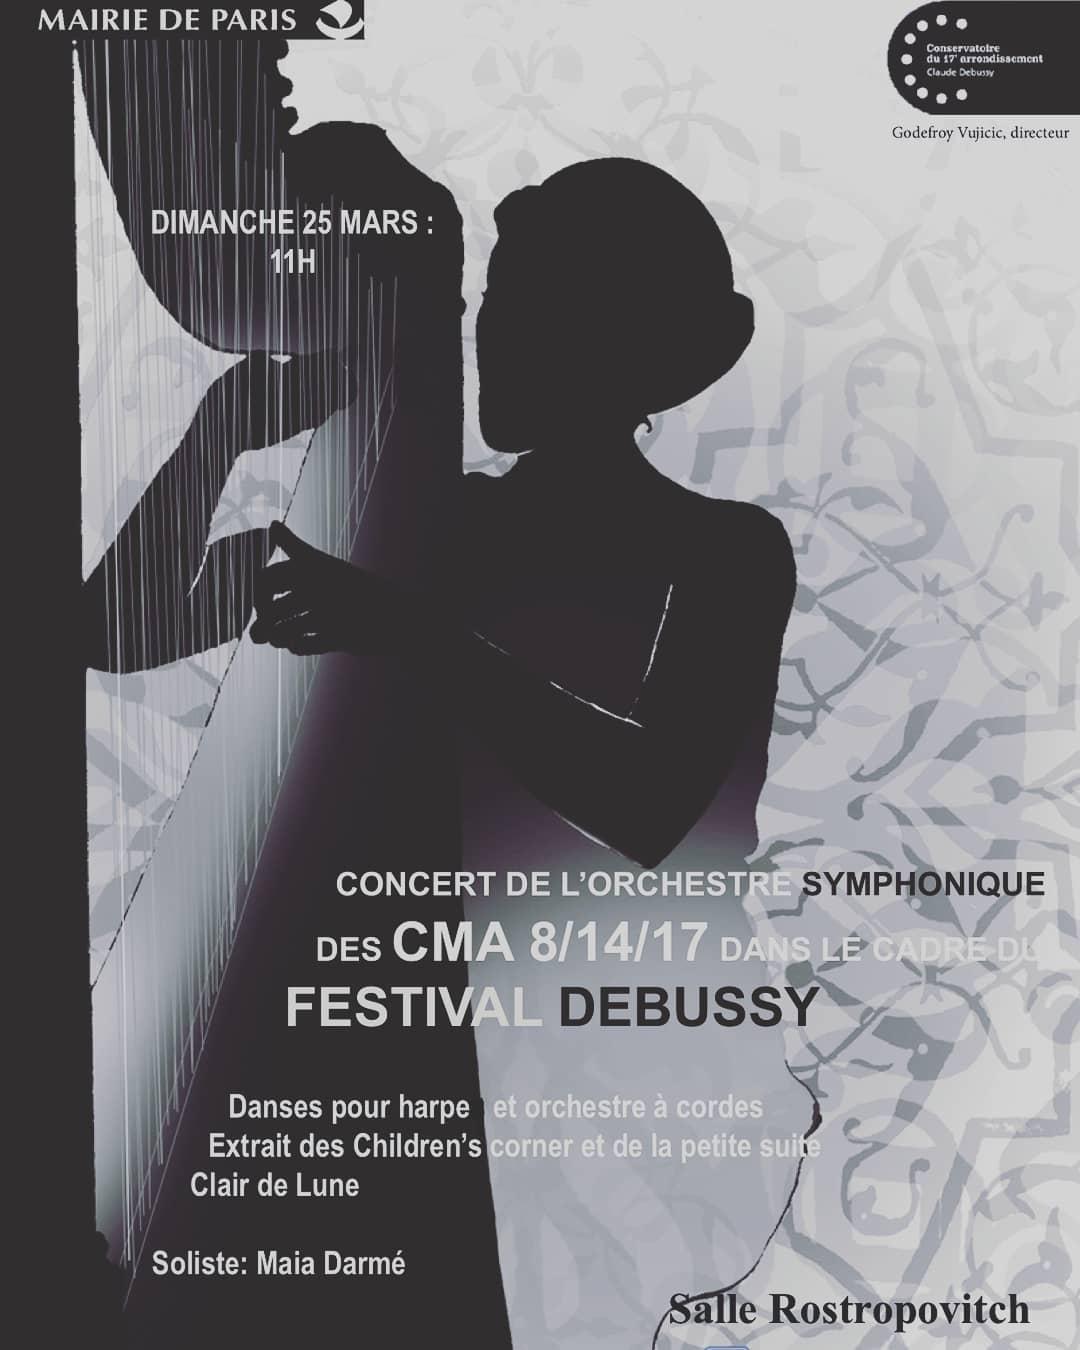 """If you're in Paris, come hear Debussy's masterful concertino for harp and orchestra, """"Danses Sacrée et Profane"""" on Sunday!! Auditorium Rostropovitch (222 rue de Courcelles, 75017), 11am. Entry is free if you book through+33 1 47 64 98 99  Si vous êtes à Paris, venez écouter les """"Danses sacrée et profane"""" de Debussy, un superbe concertino pour harpe et orchestre !! Dimanche 25 mars à 11h à l'auditorium Rostropovitch (222 rue de Courcelles dans le 17ème). Entrée libre sur réservation au 01 47 64 98 99"""